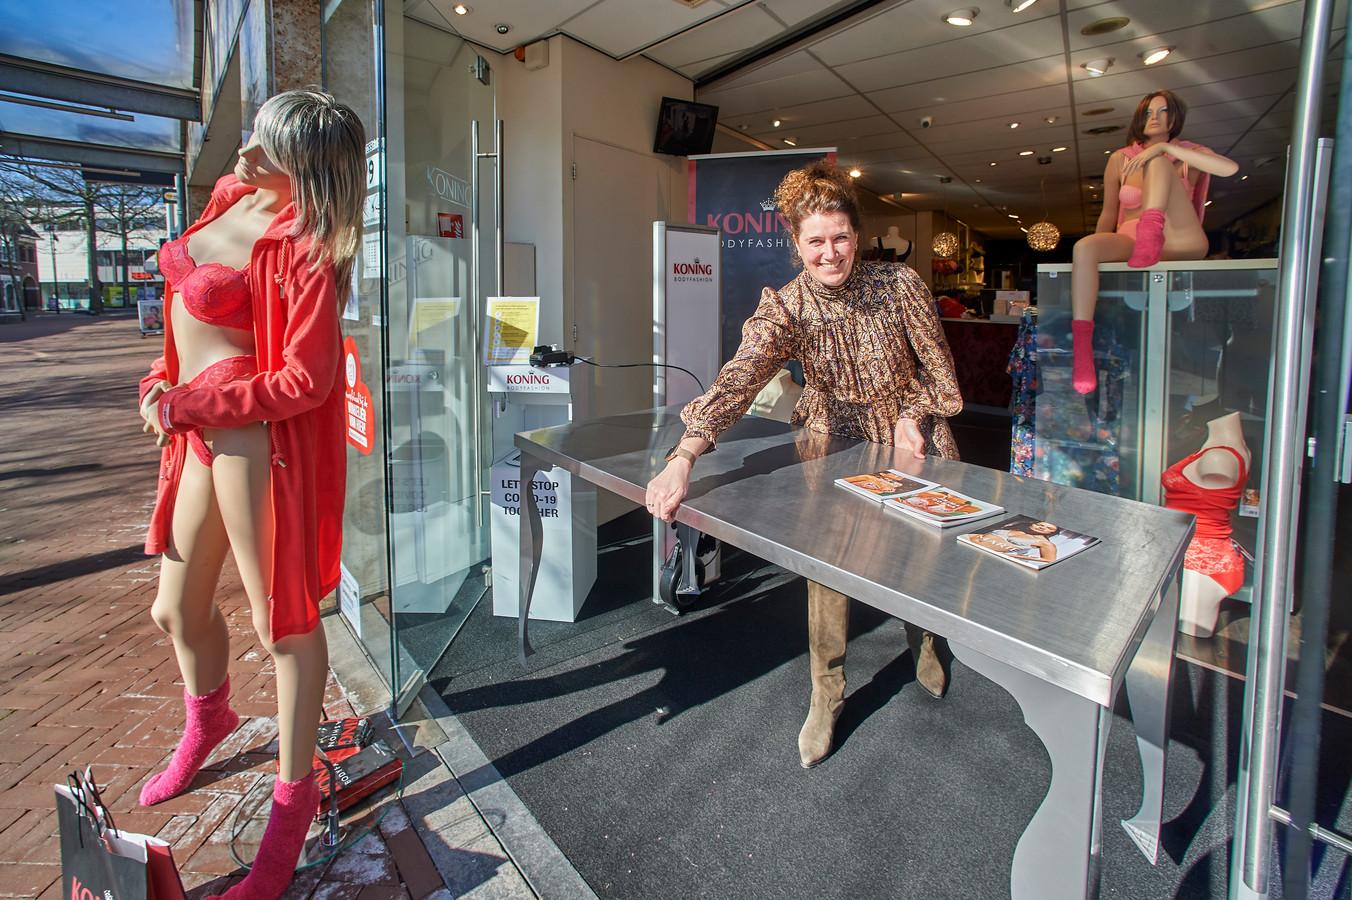 Pleun Wagemakers maakt de winkel van Koning Bodyfashion aan het Walplein in Oss weer in orde om klanten te ontvangen. De tafel voor afhalen kan weg, klanten kunnen nu een afspraak maken voor een bezoek.